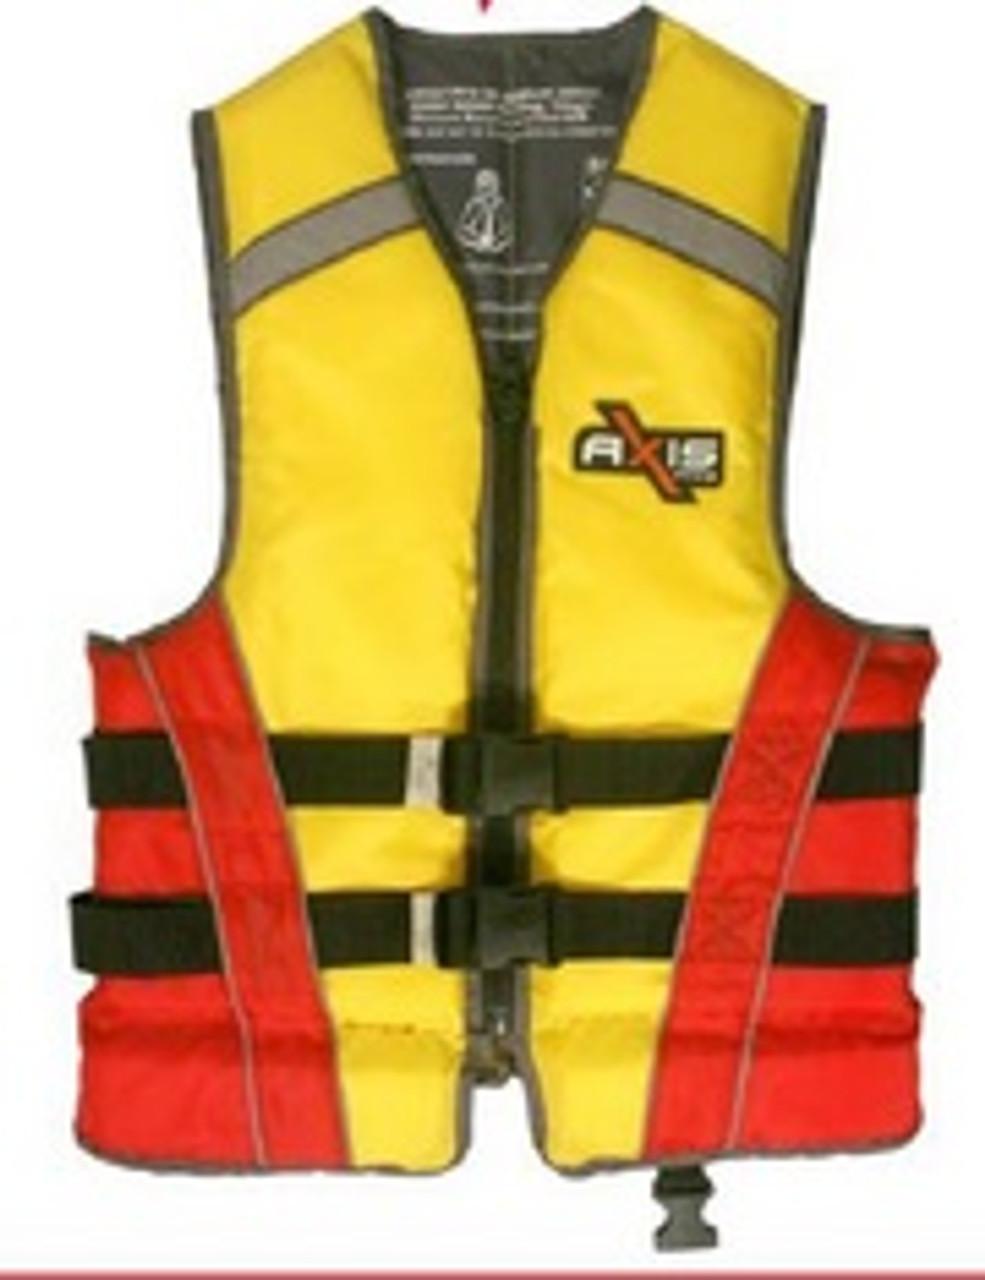 Child Lifejacket L50 Aquasport 15-25kg